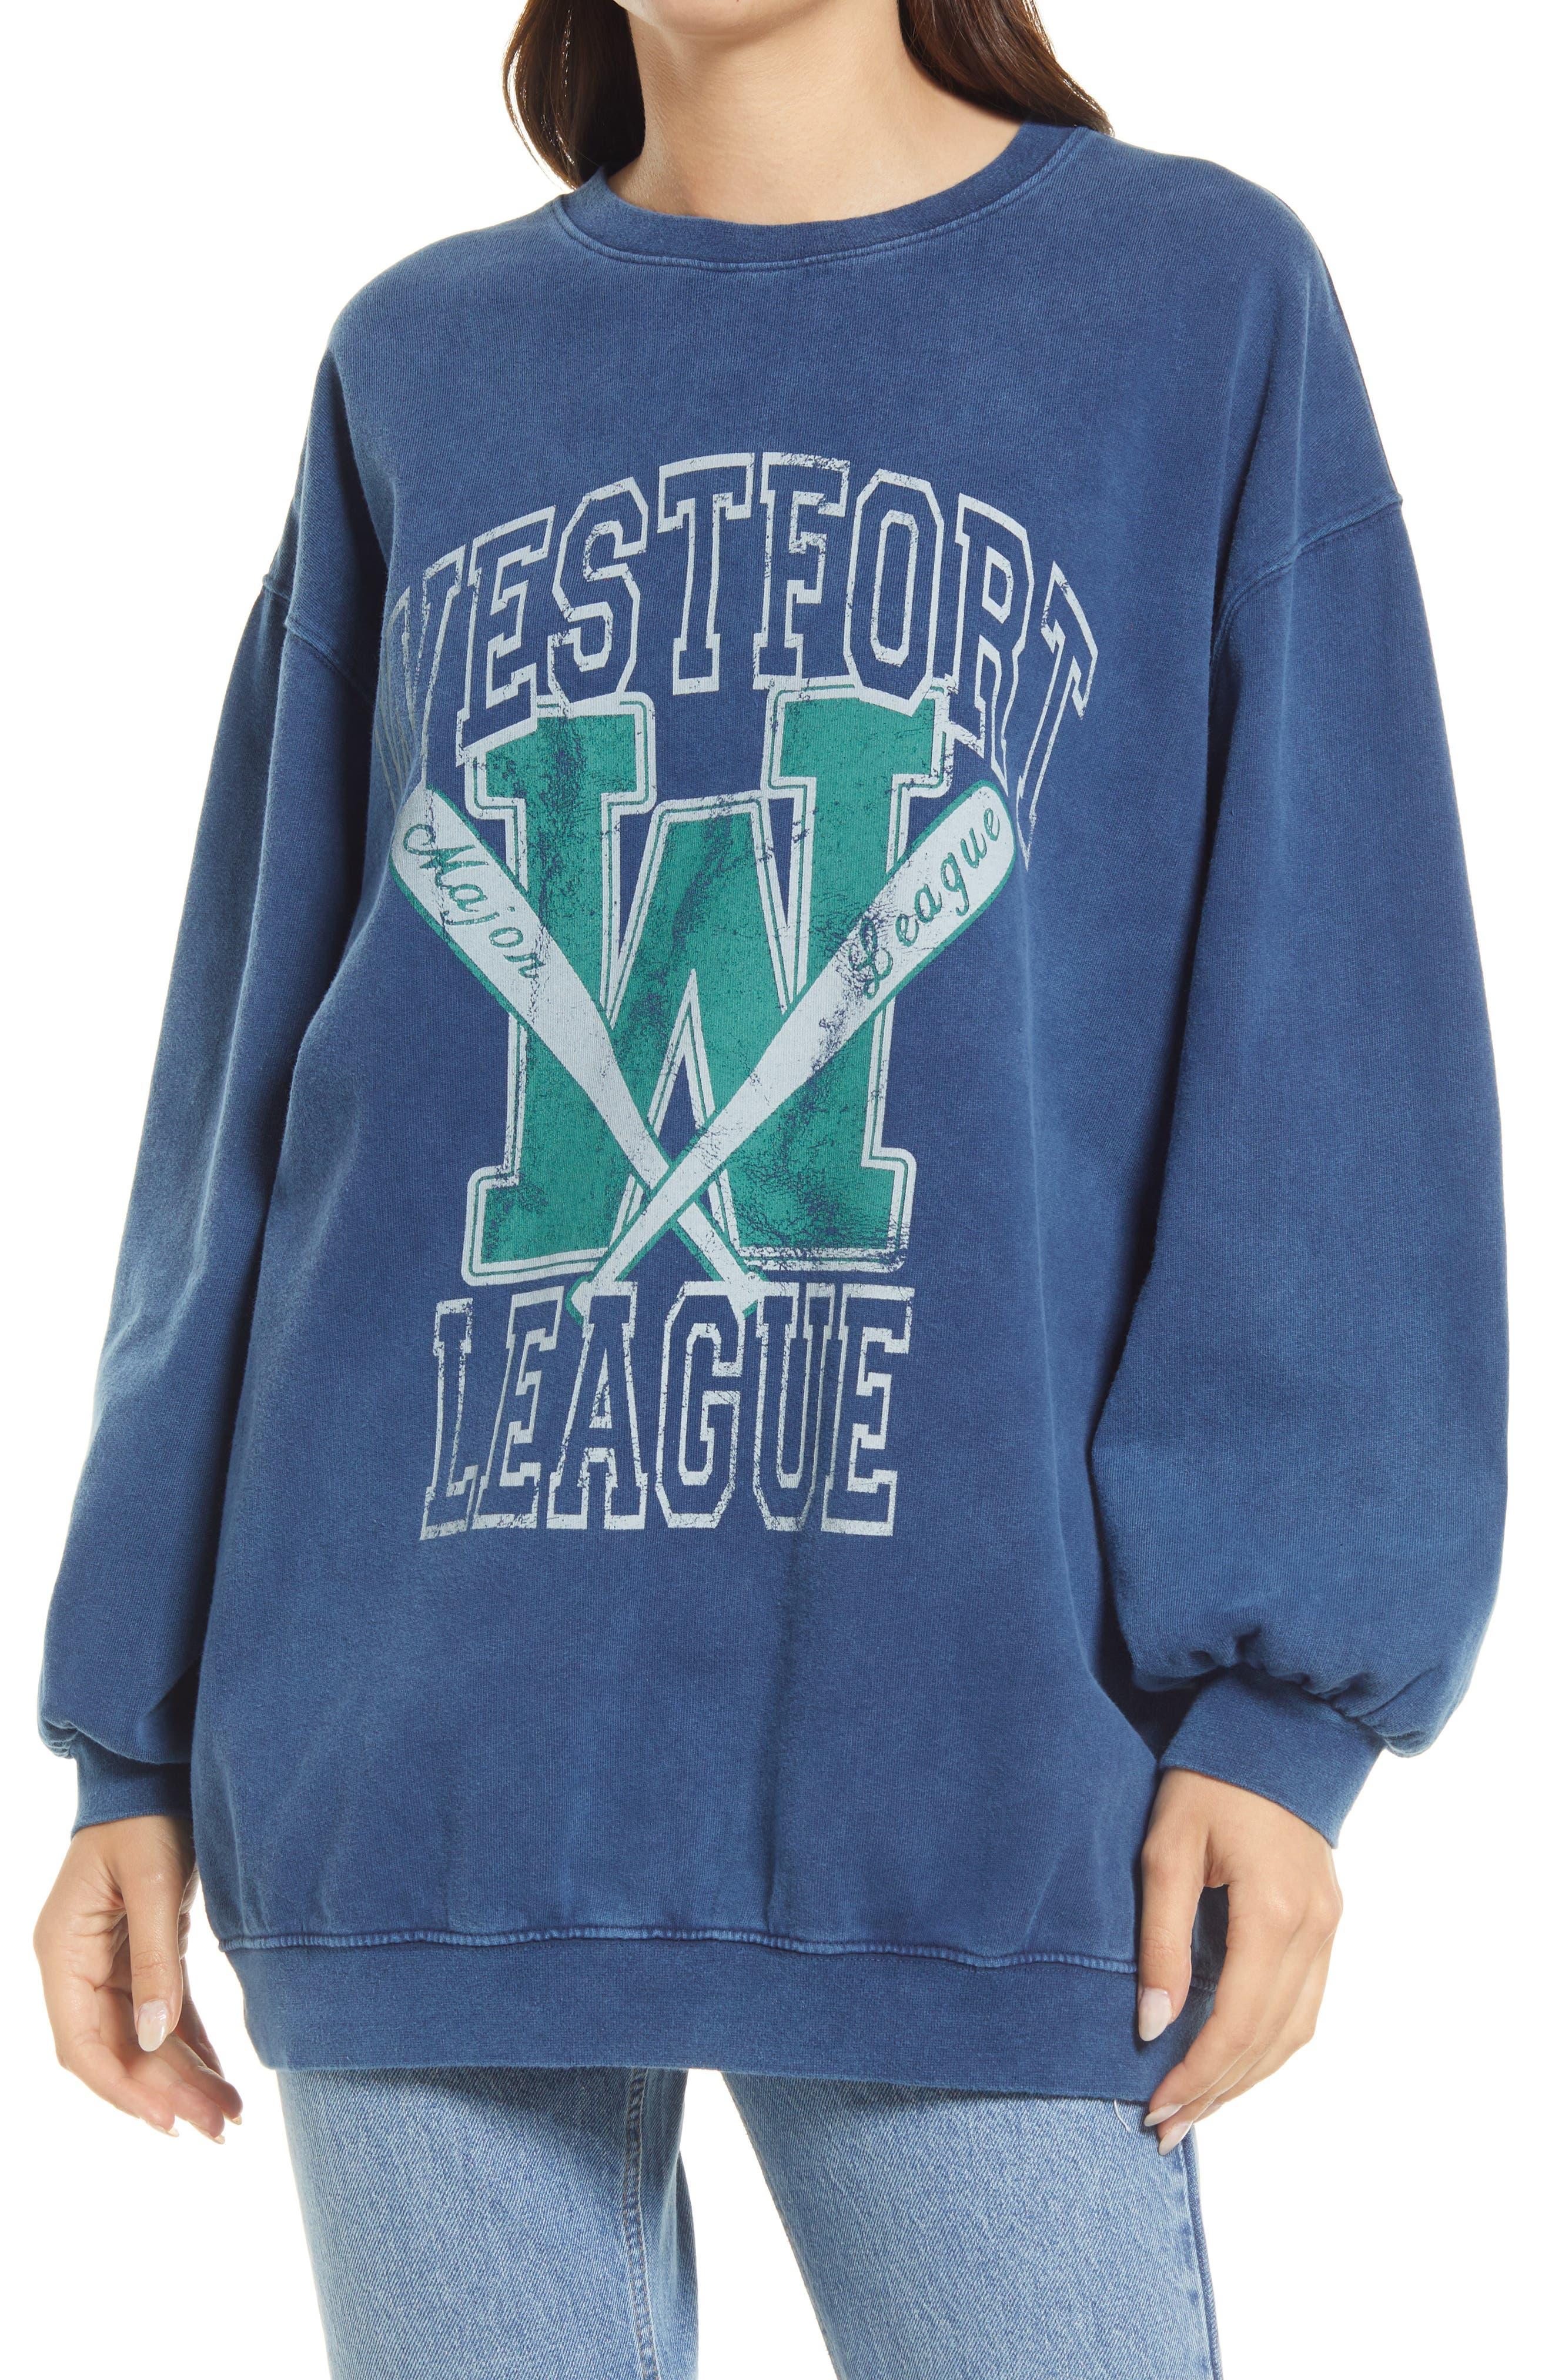 Westfort League Sweatshirt Dress